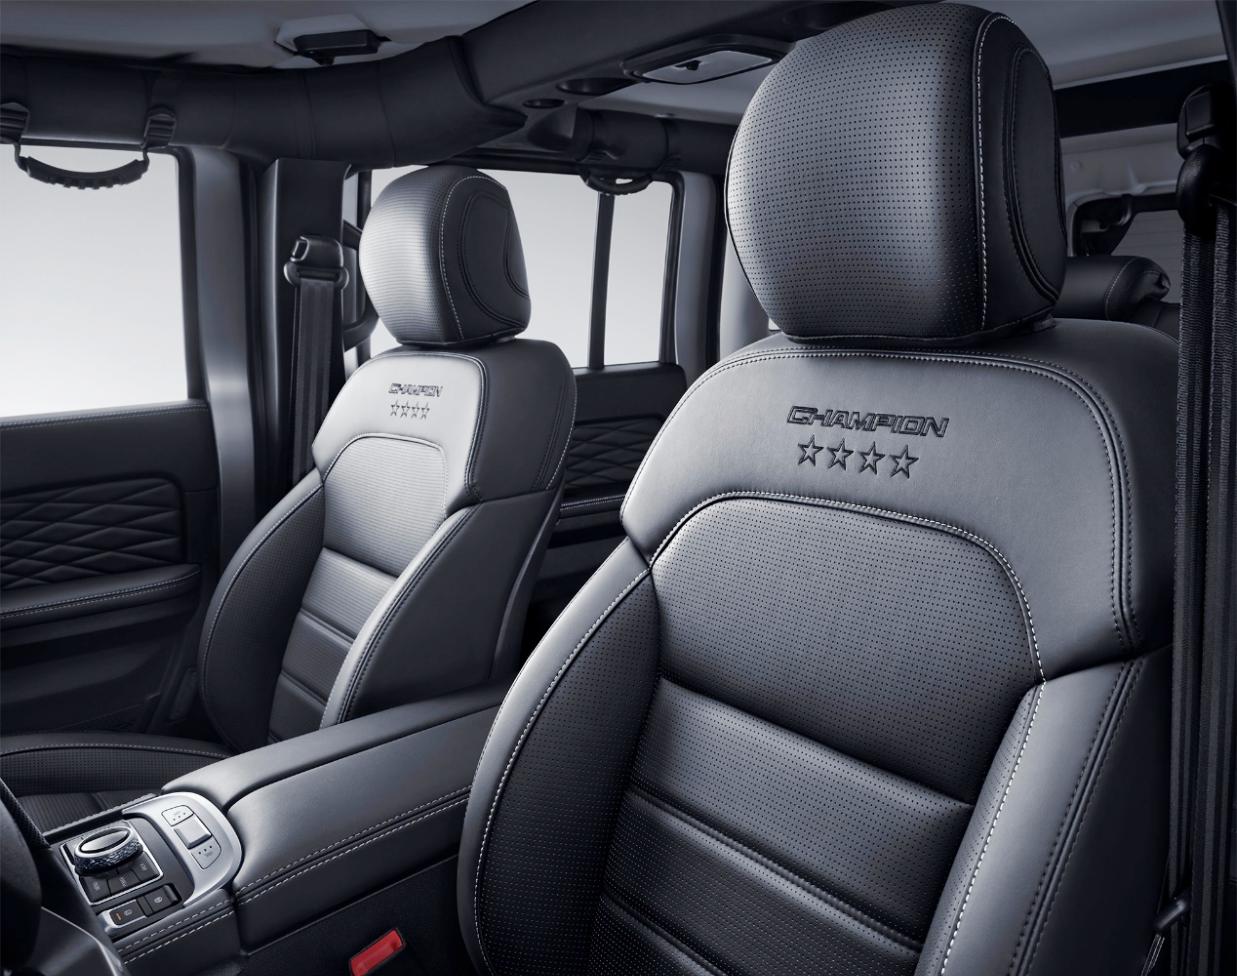 北汽BJ40新车型将上市,配置升级,搭载长城蜂巢2.0T动力